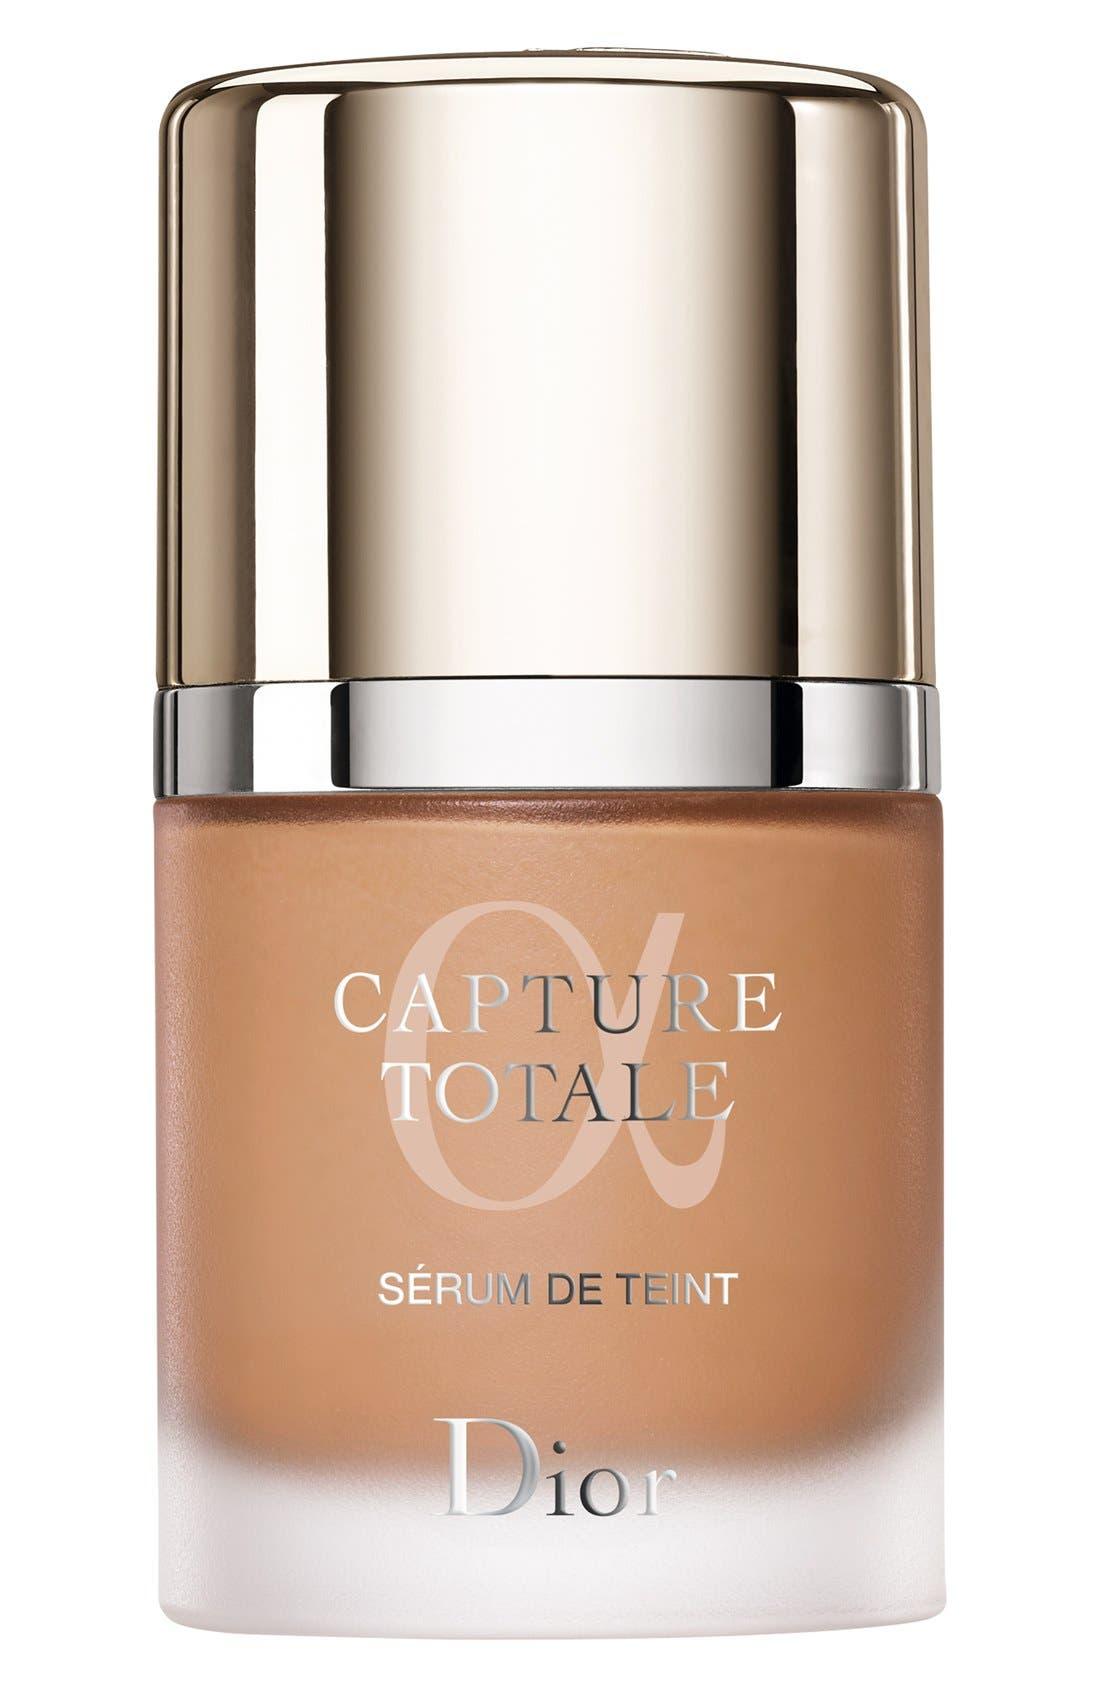 Dior Capture Totale Foundation Spf 25, oz - 050 Dark Beige